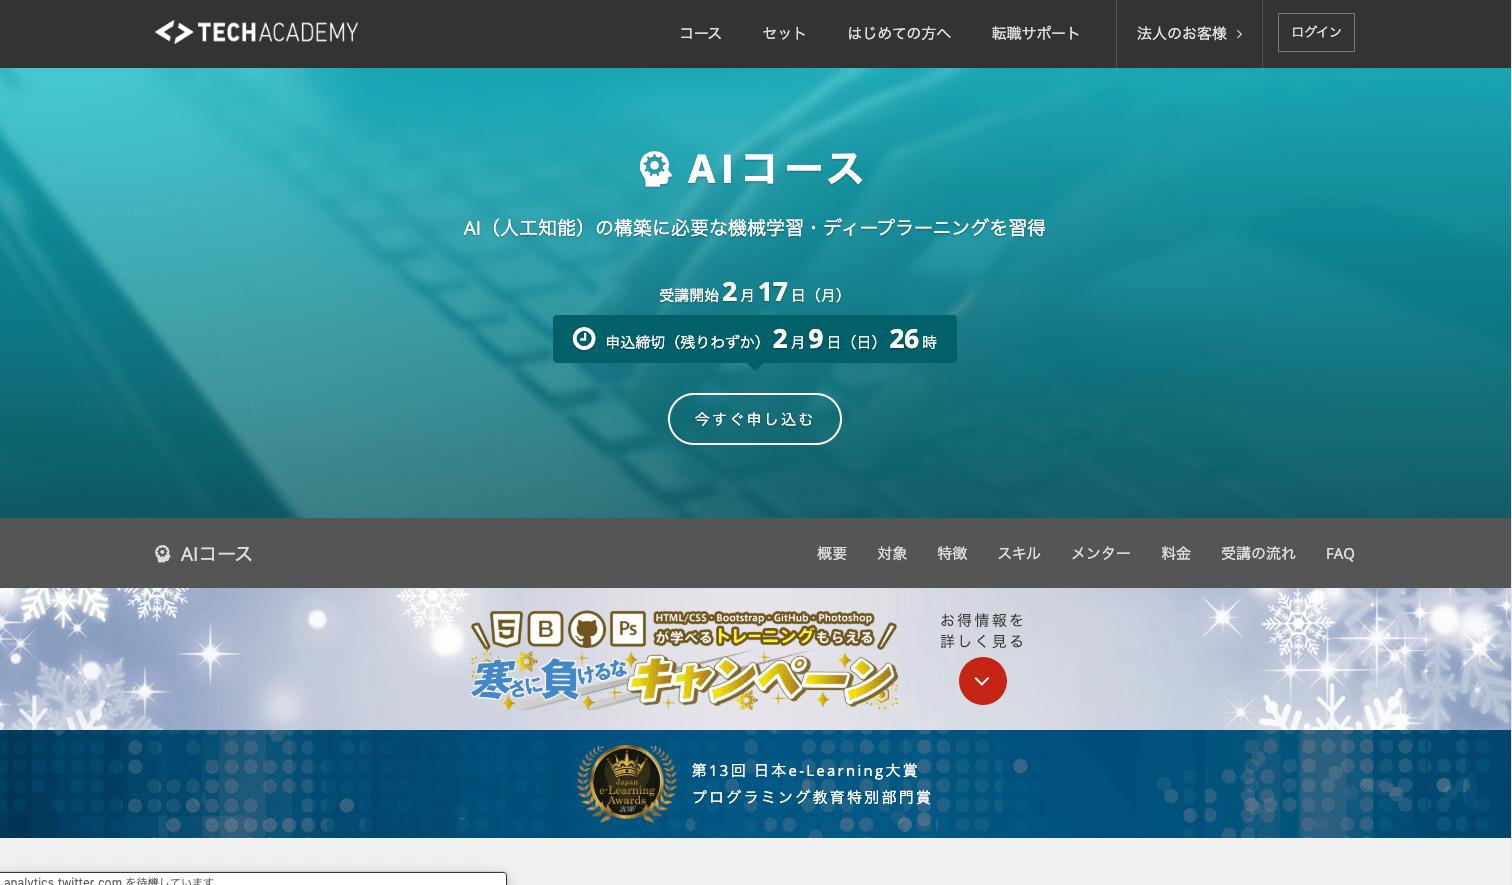 スクリーンショット 2020-02-07 16.36.17.png